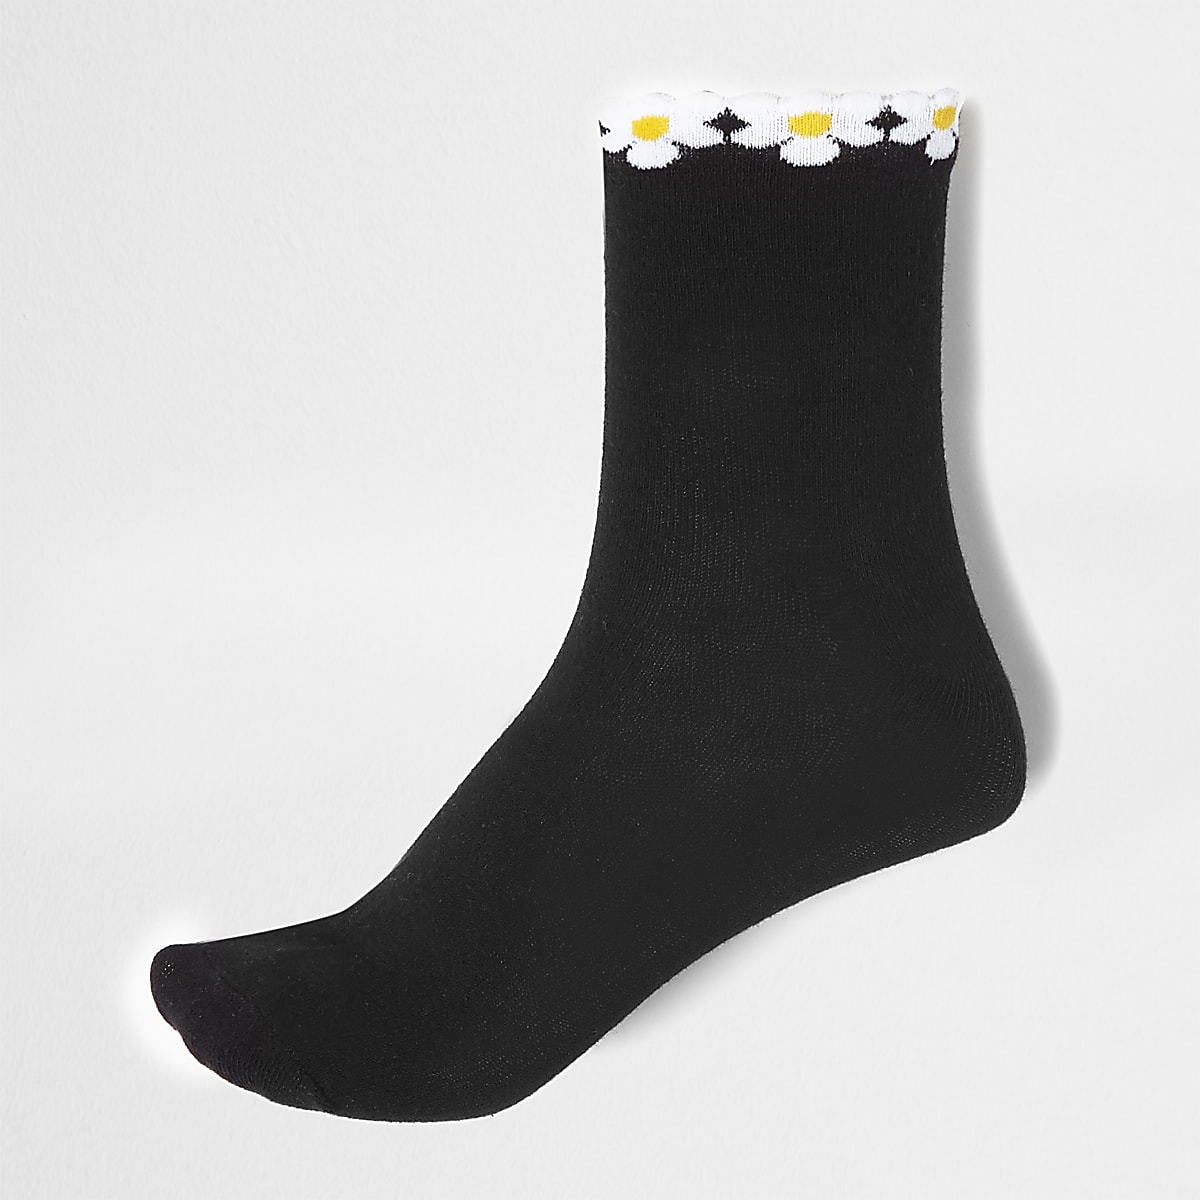 Zwarte sokken met madeliefjes langs de boord